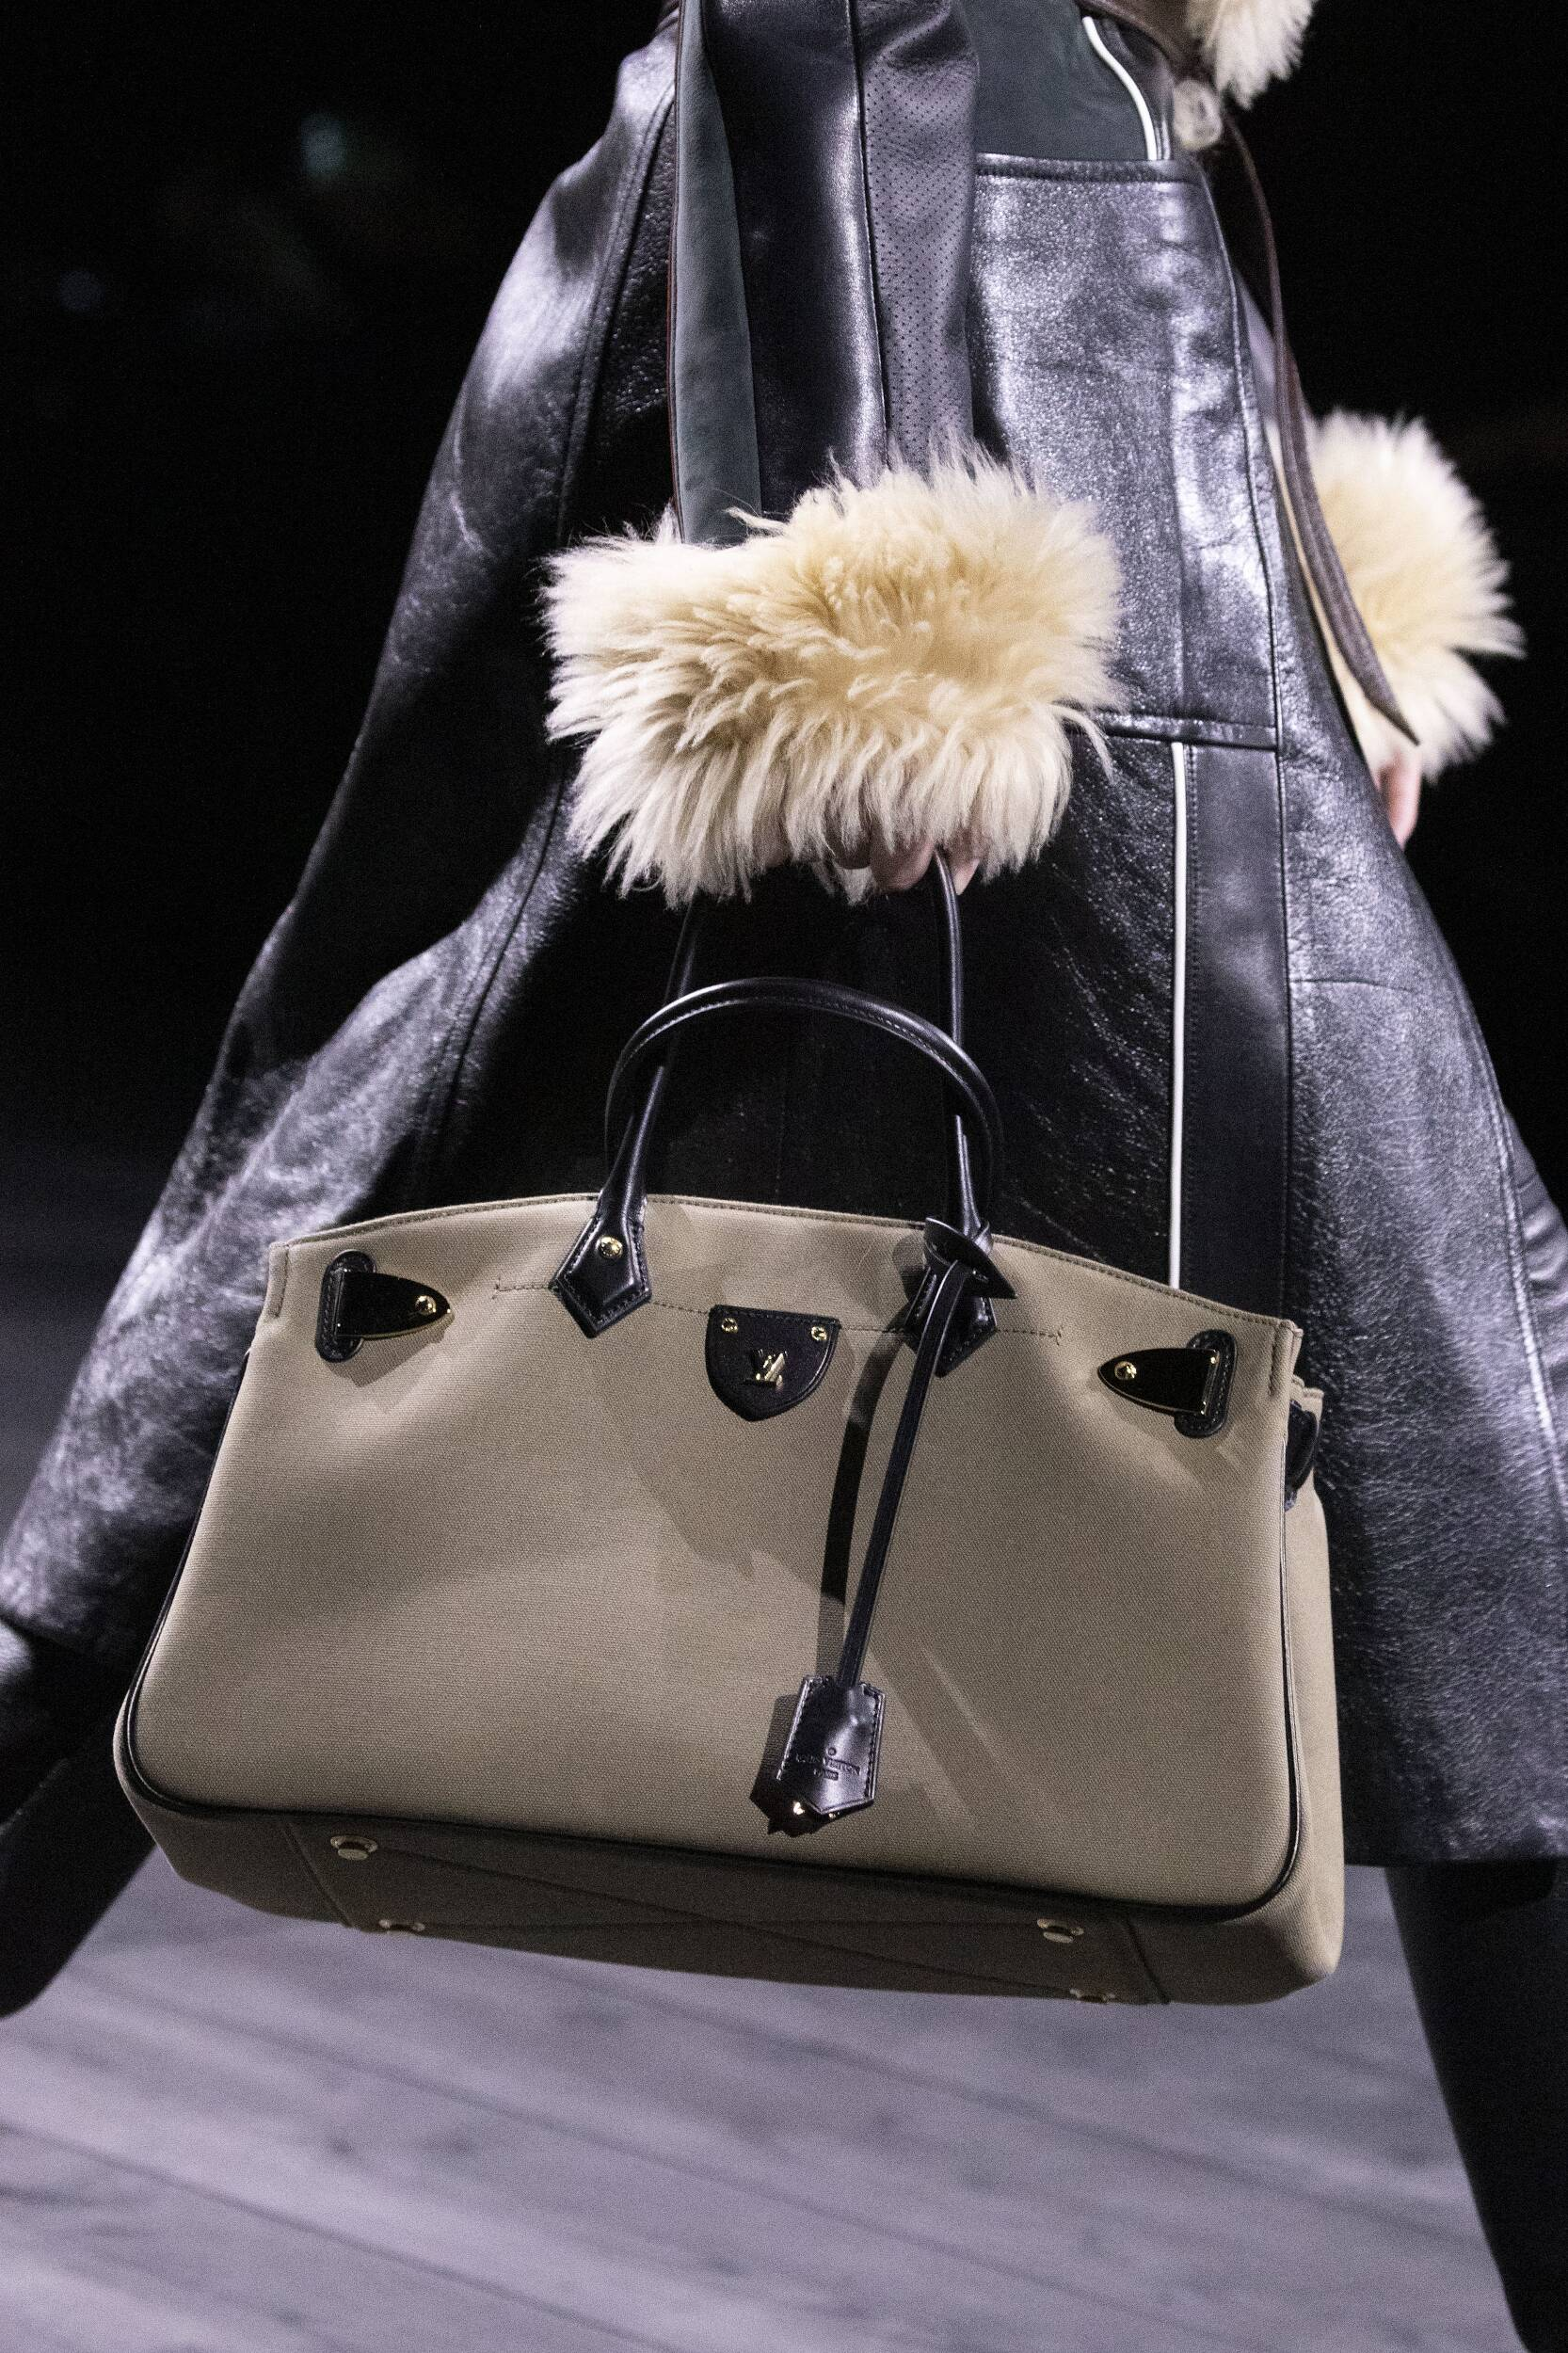 Bag Louis Vuitton Fall Winter 2020 Collection